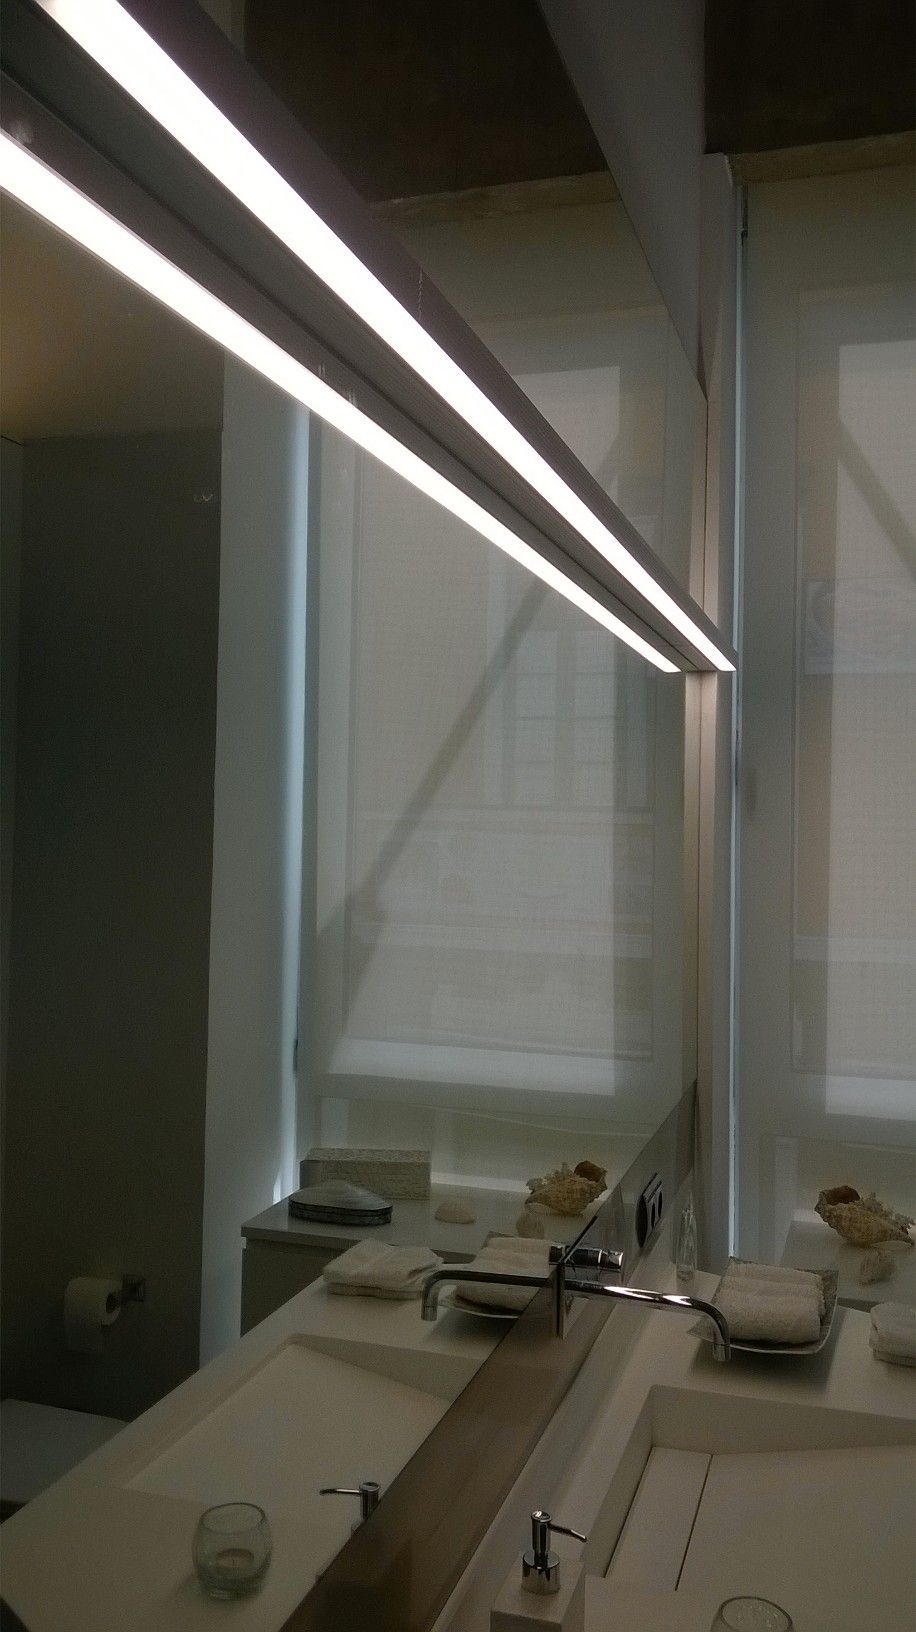 Doble iluminaci n de ba o con tiras led leduxe en perfil - Iluminacion para espejos de bano ...